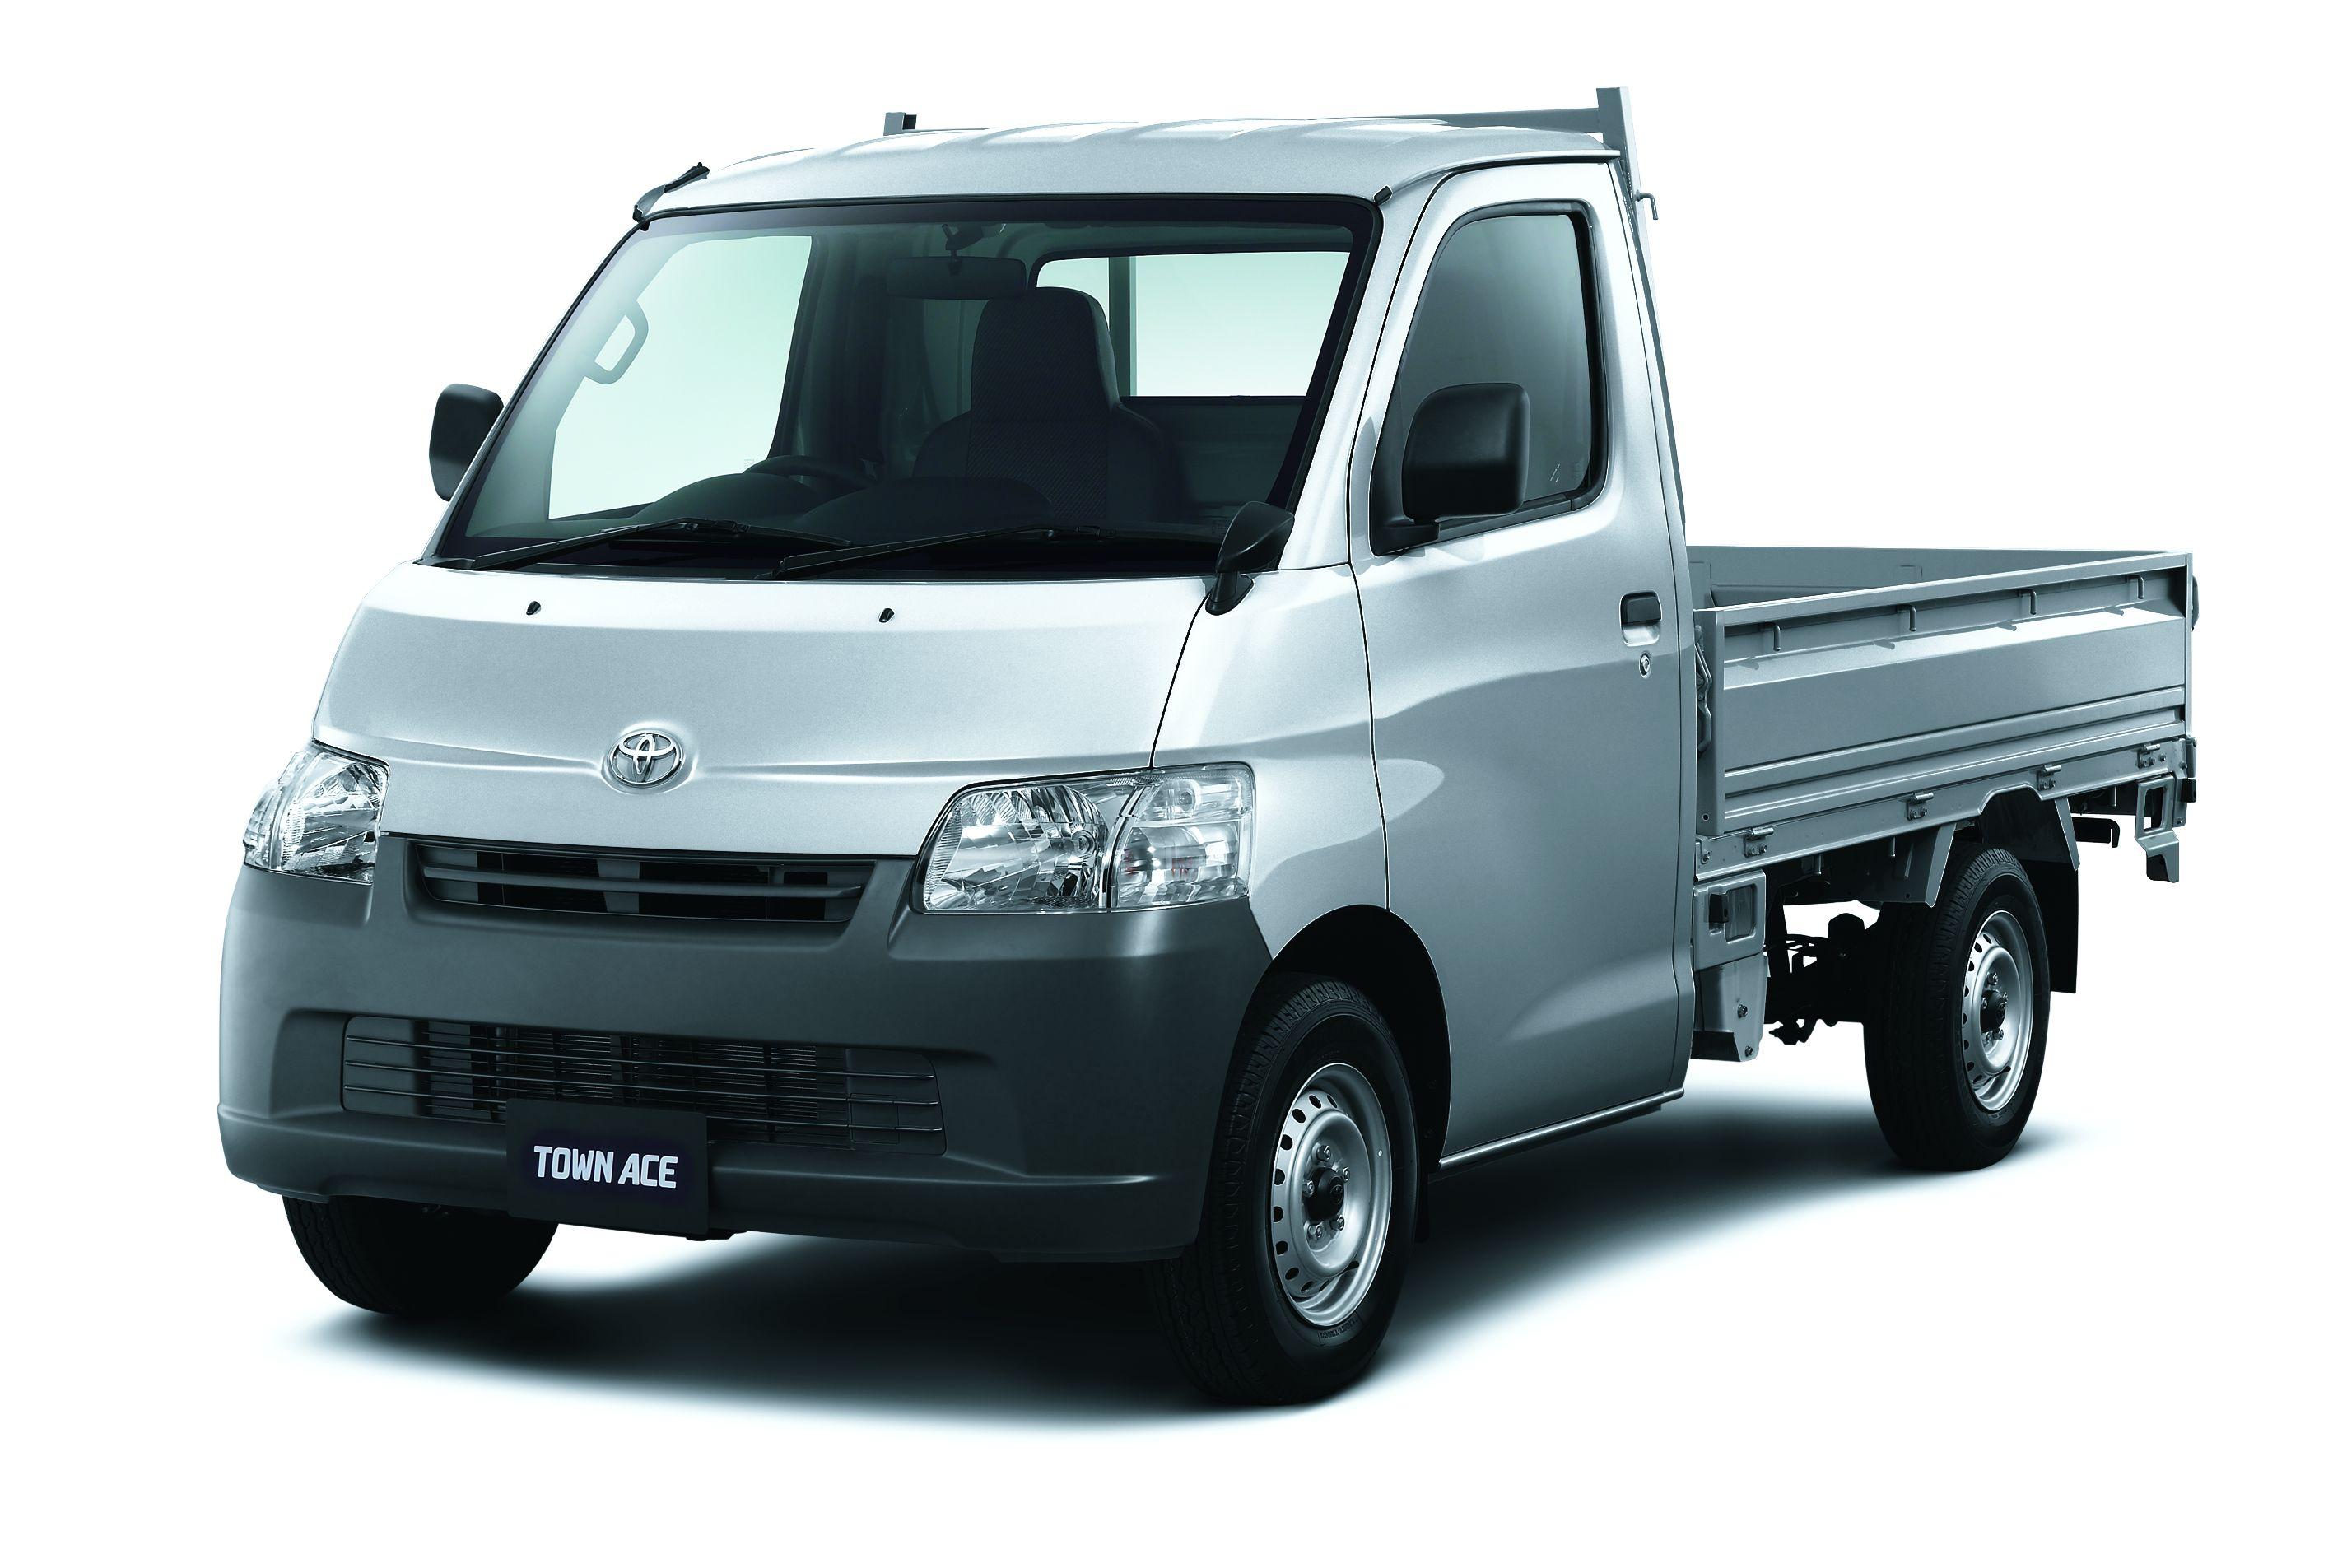 トヨタレンタカー六本木店『[関東・中部・関西]直前割!10%割引きキャンペーン』